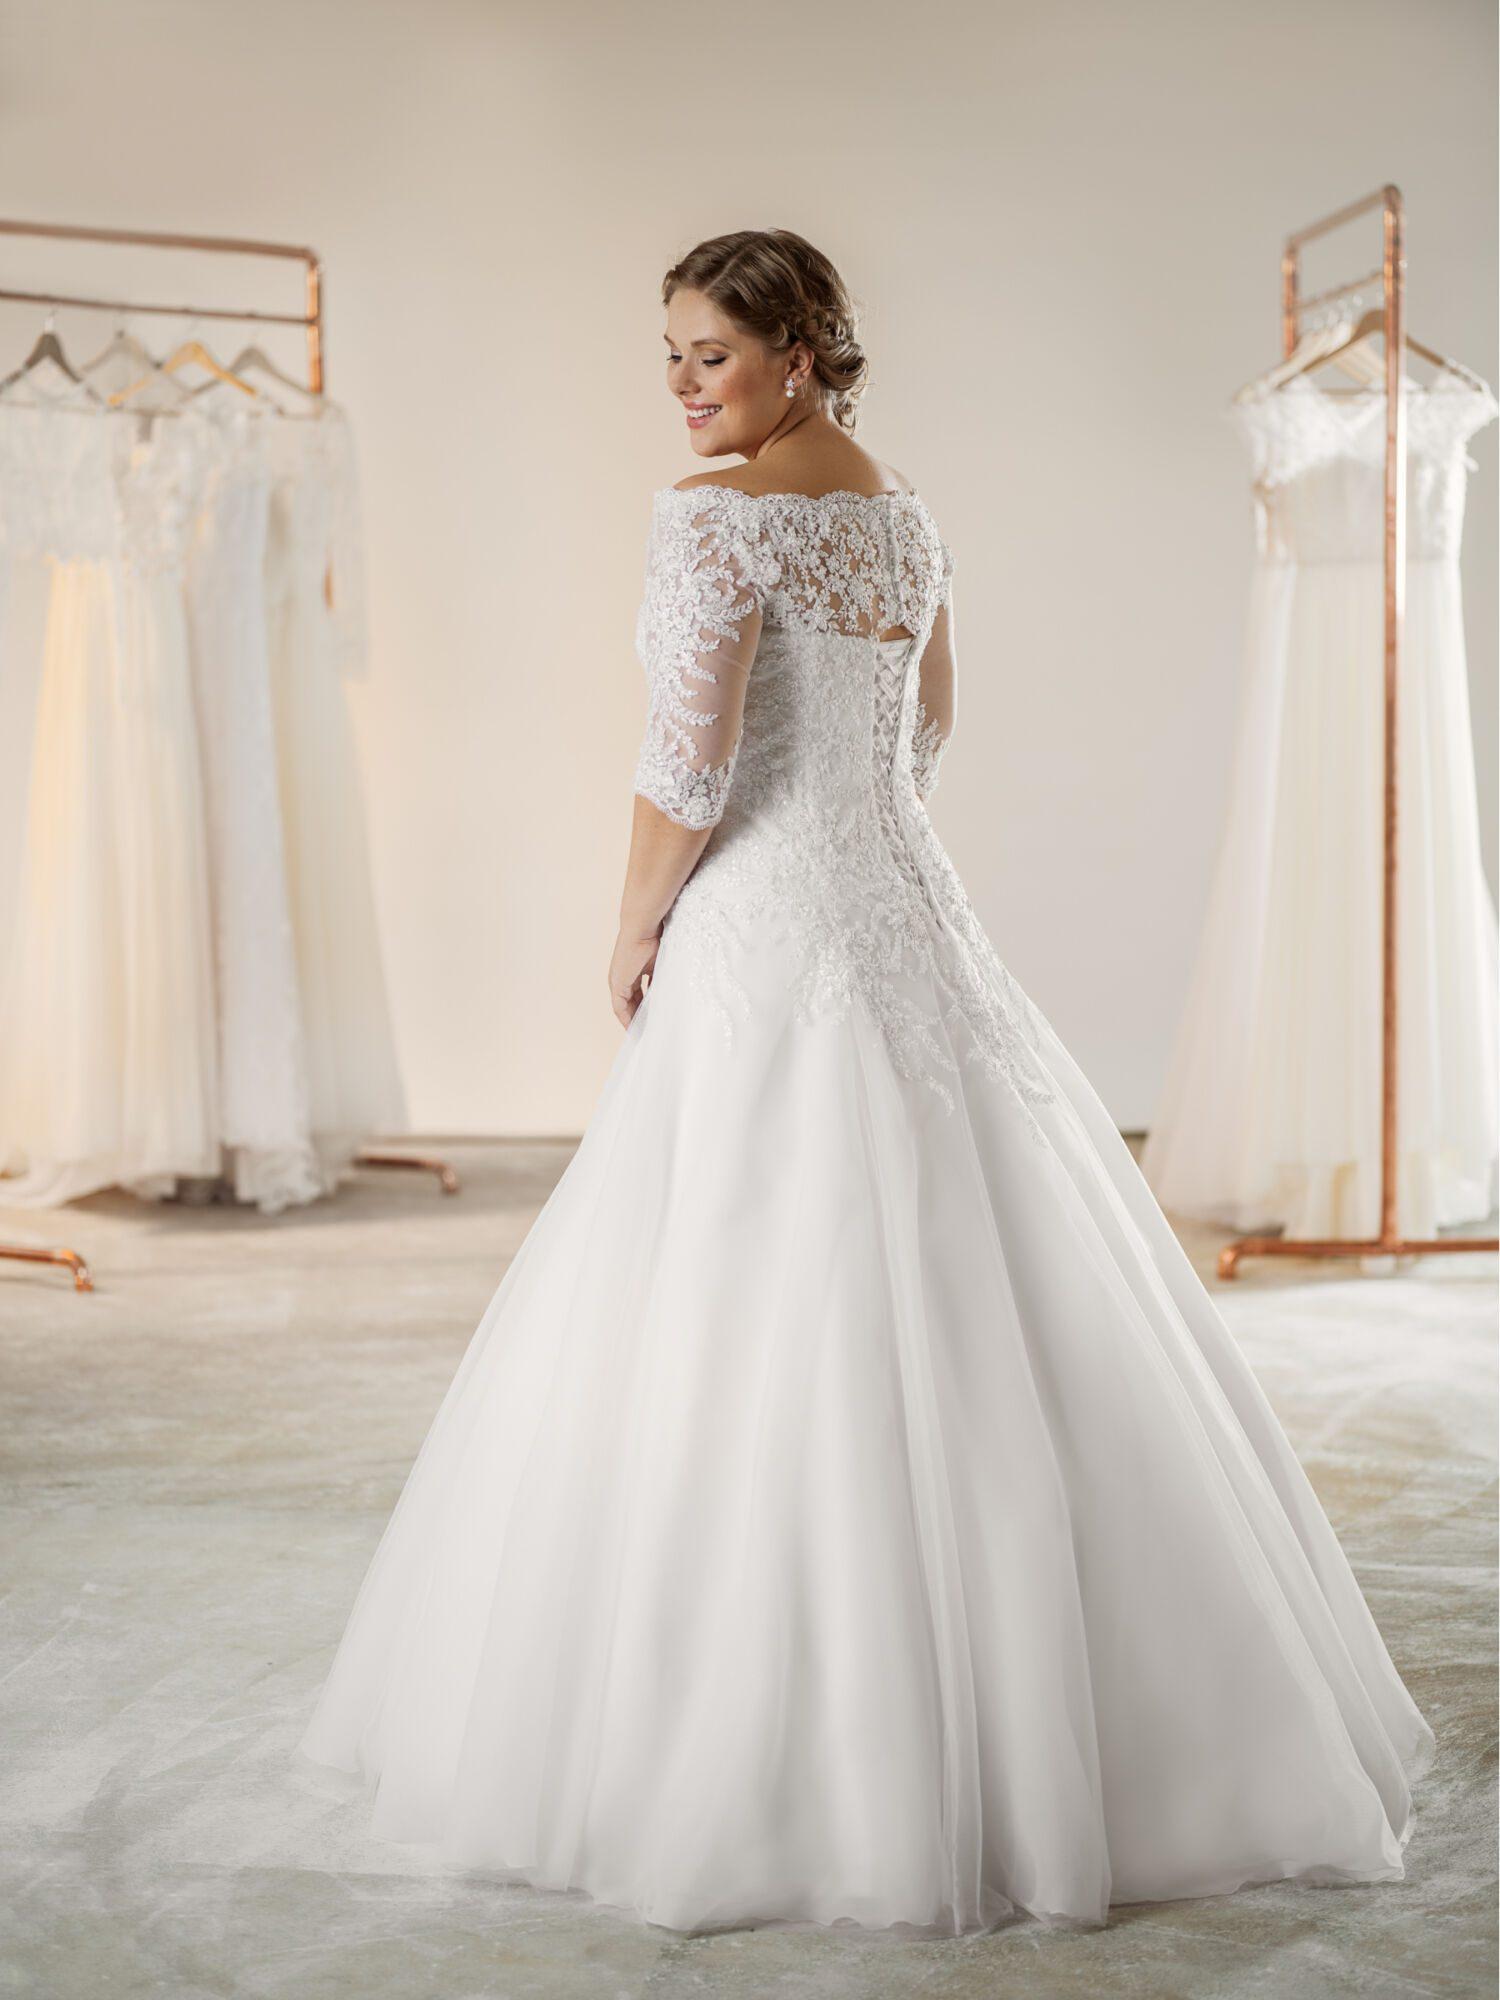 Plus size svatební šaty s výstřihem ve tvaru lodičky